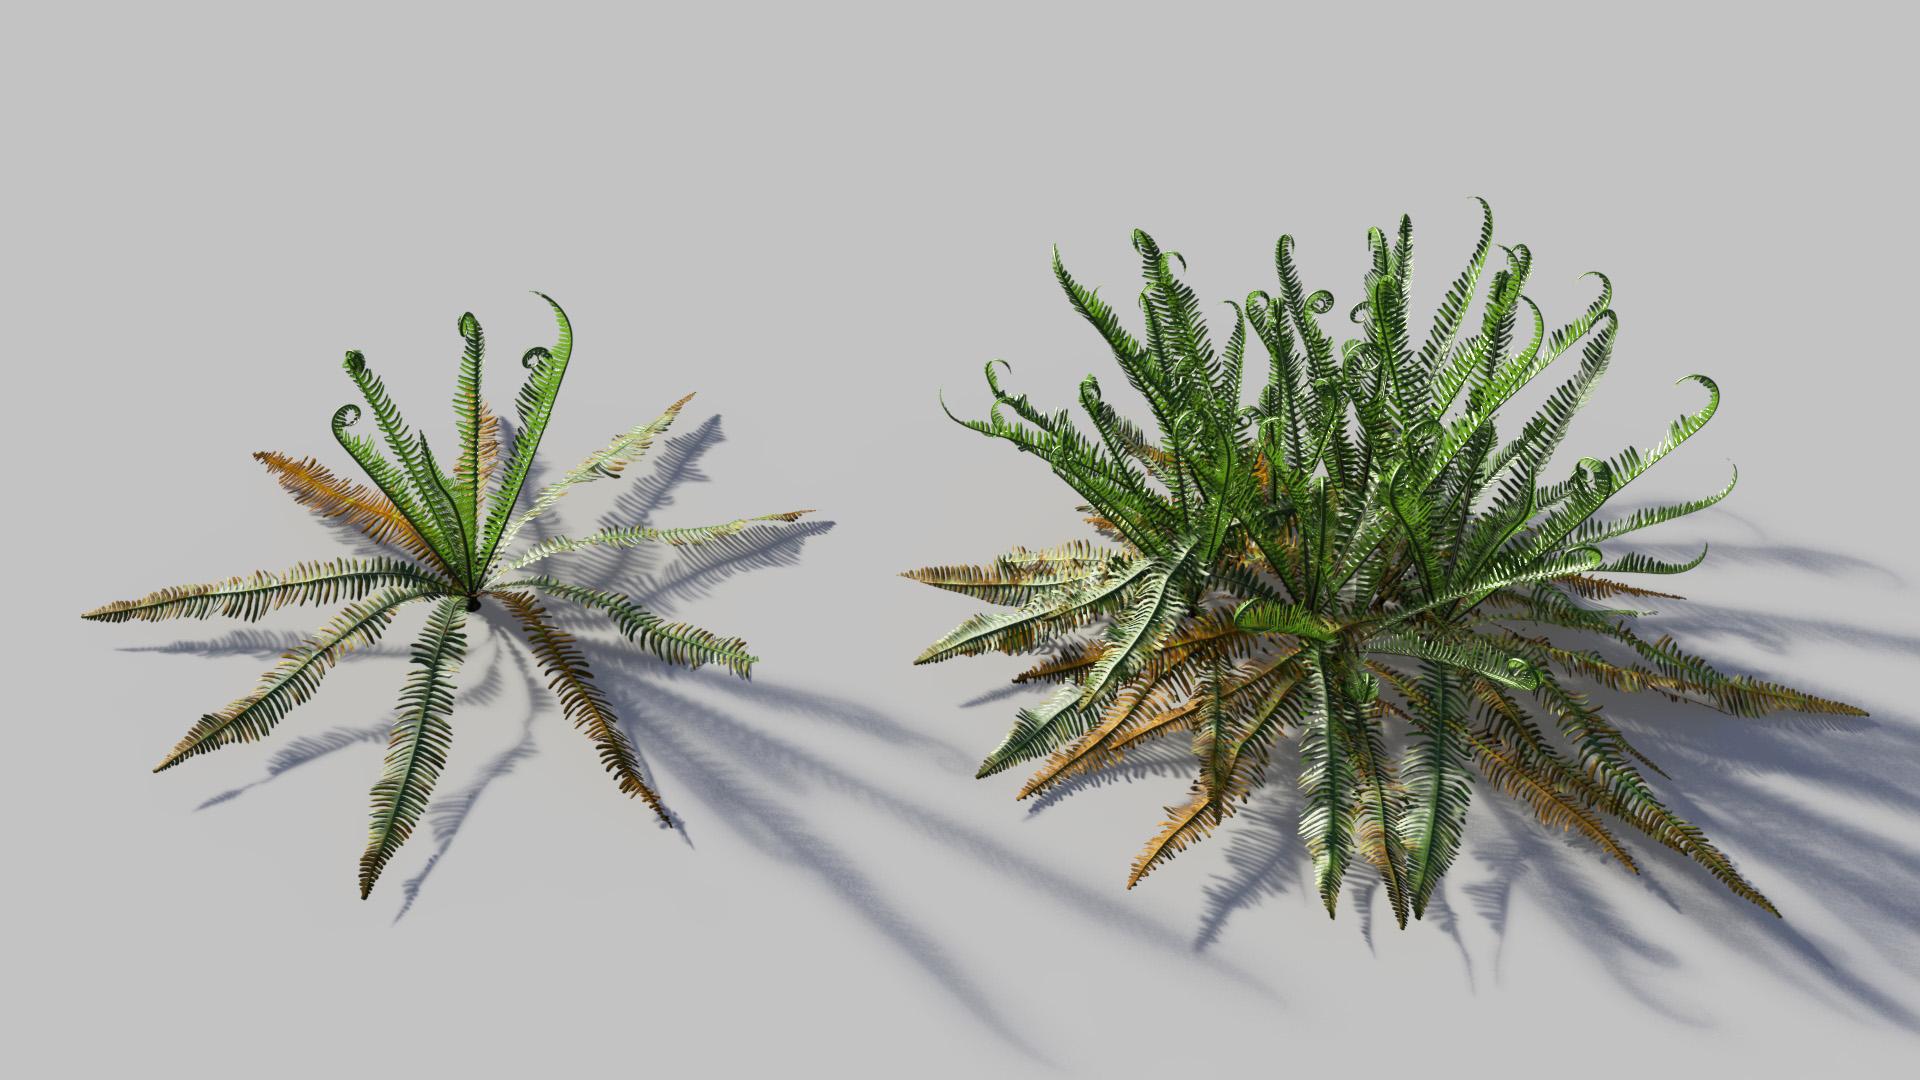 3D model of the Deer fern Blechnum spicant